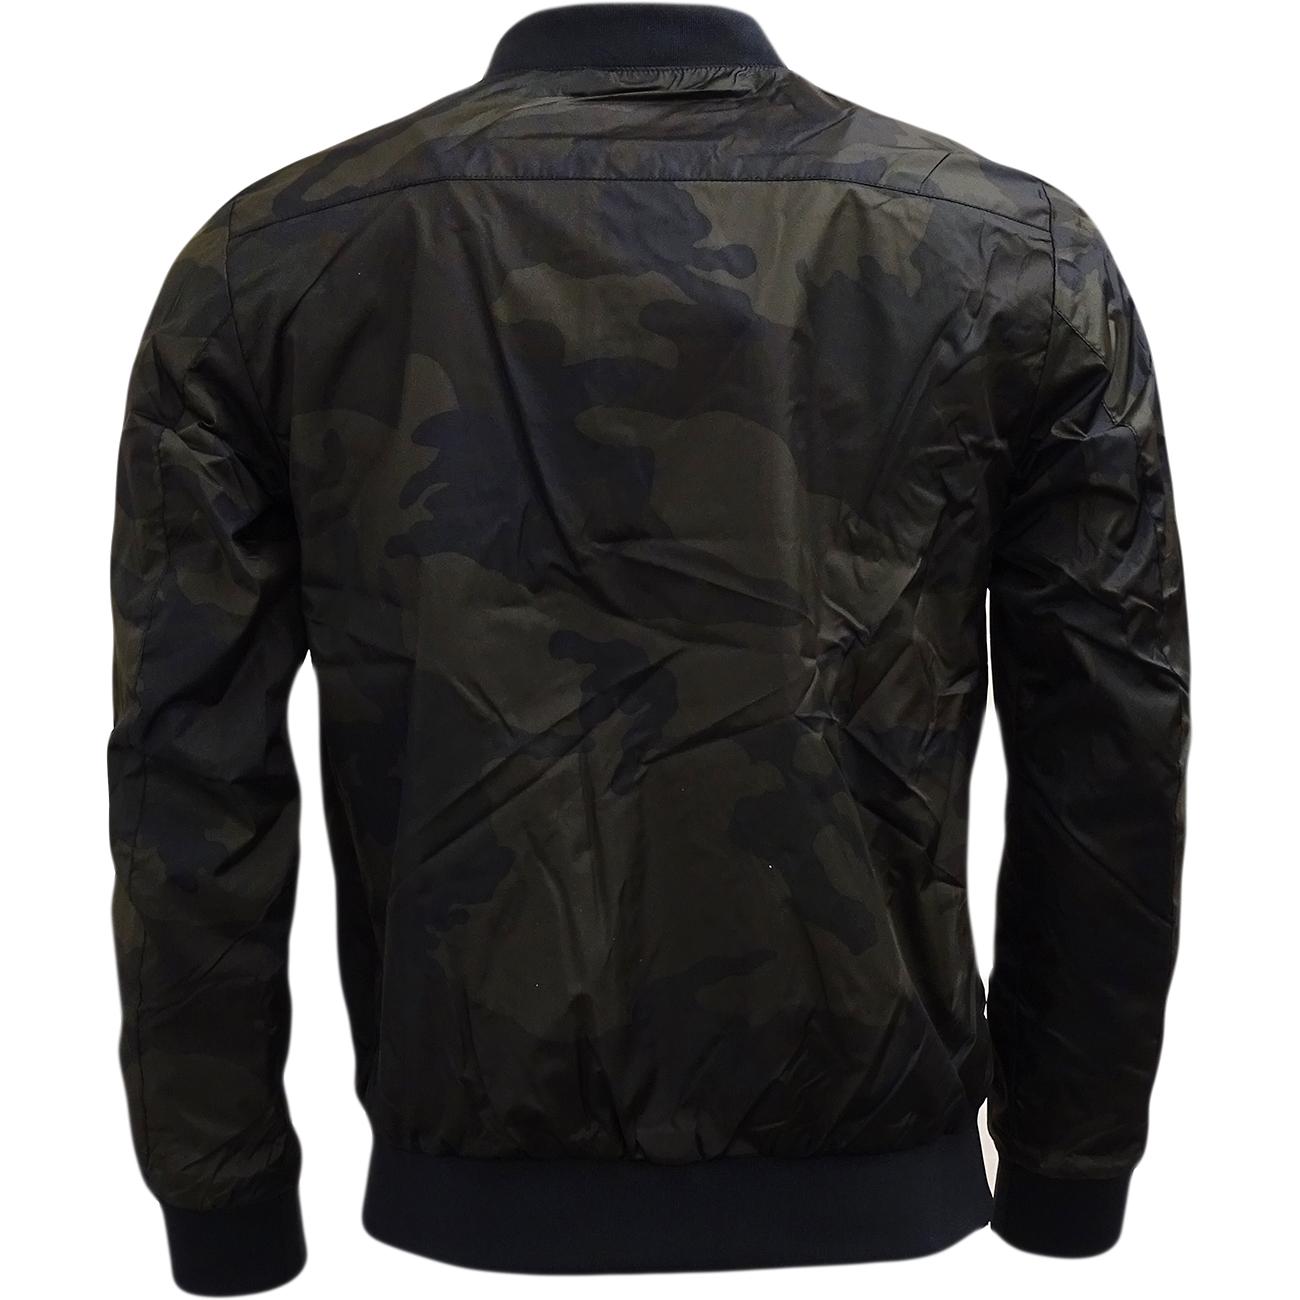 brave soul camouflage lightweight jacket khaki jackets. Black Bedroom Furniture Sets. Home Design Ideas